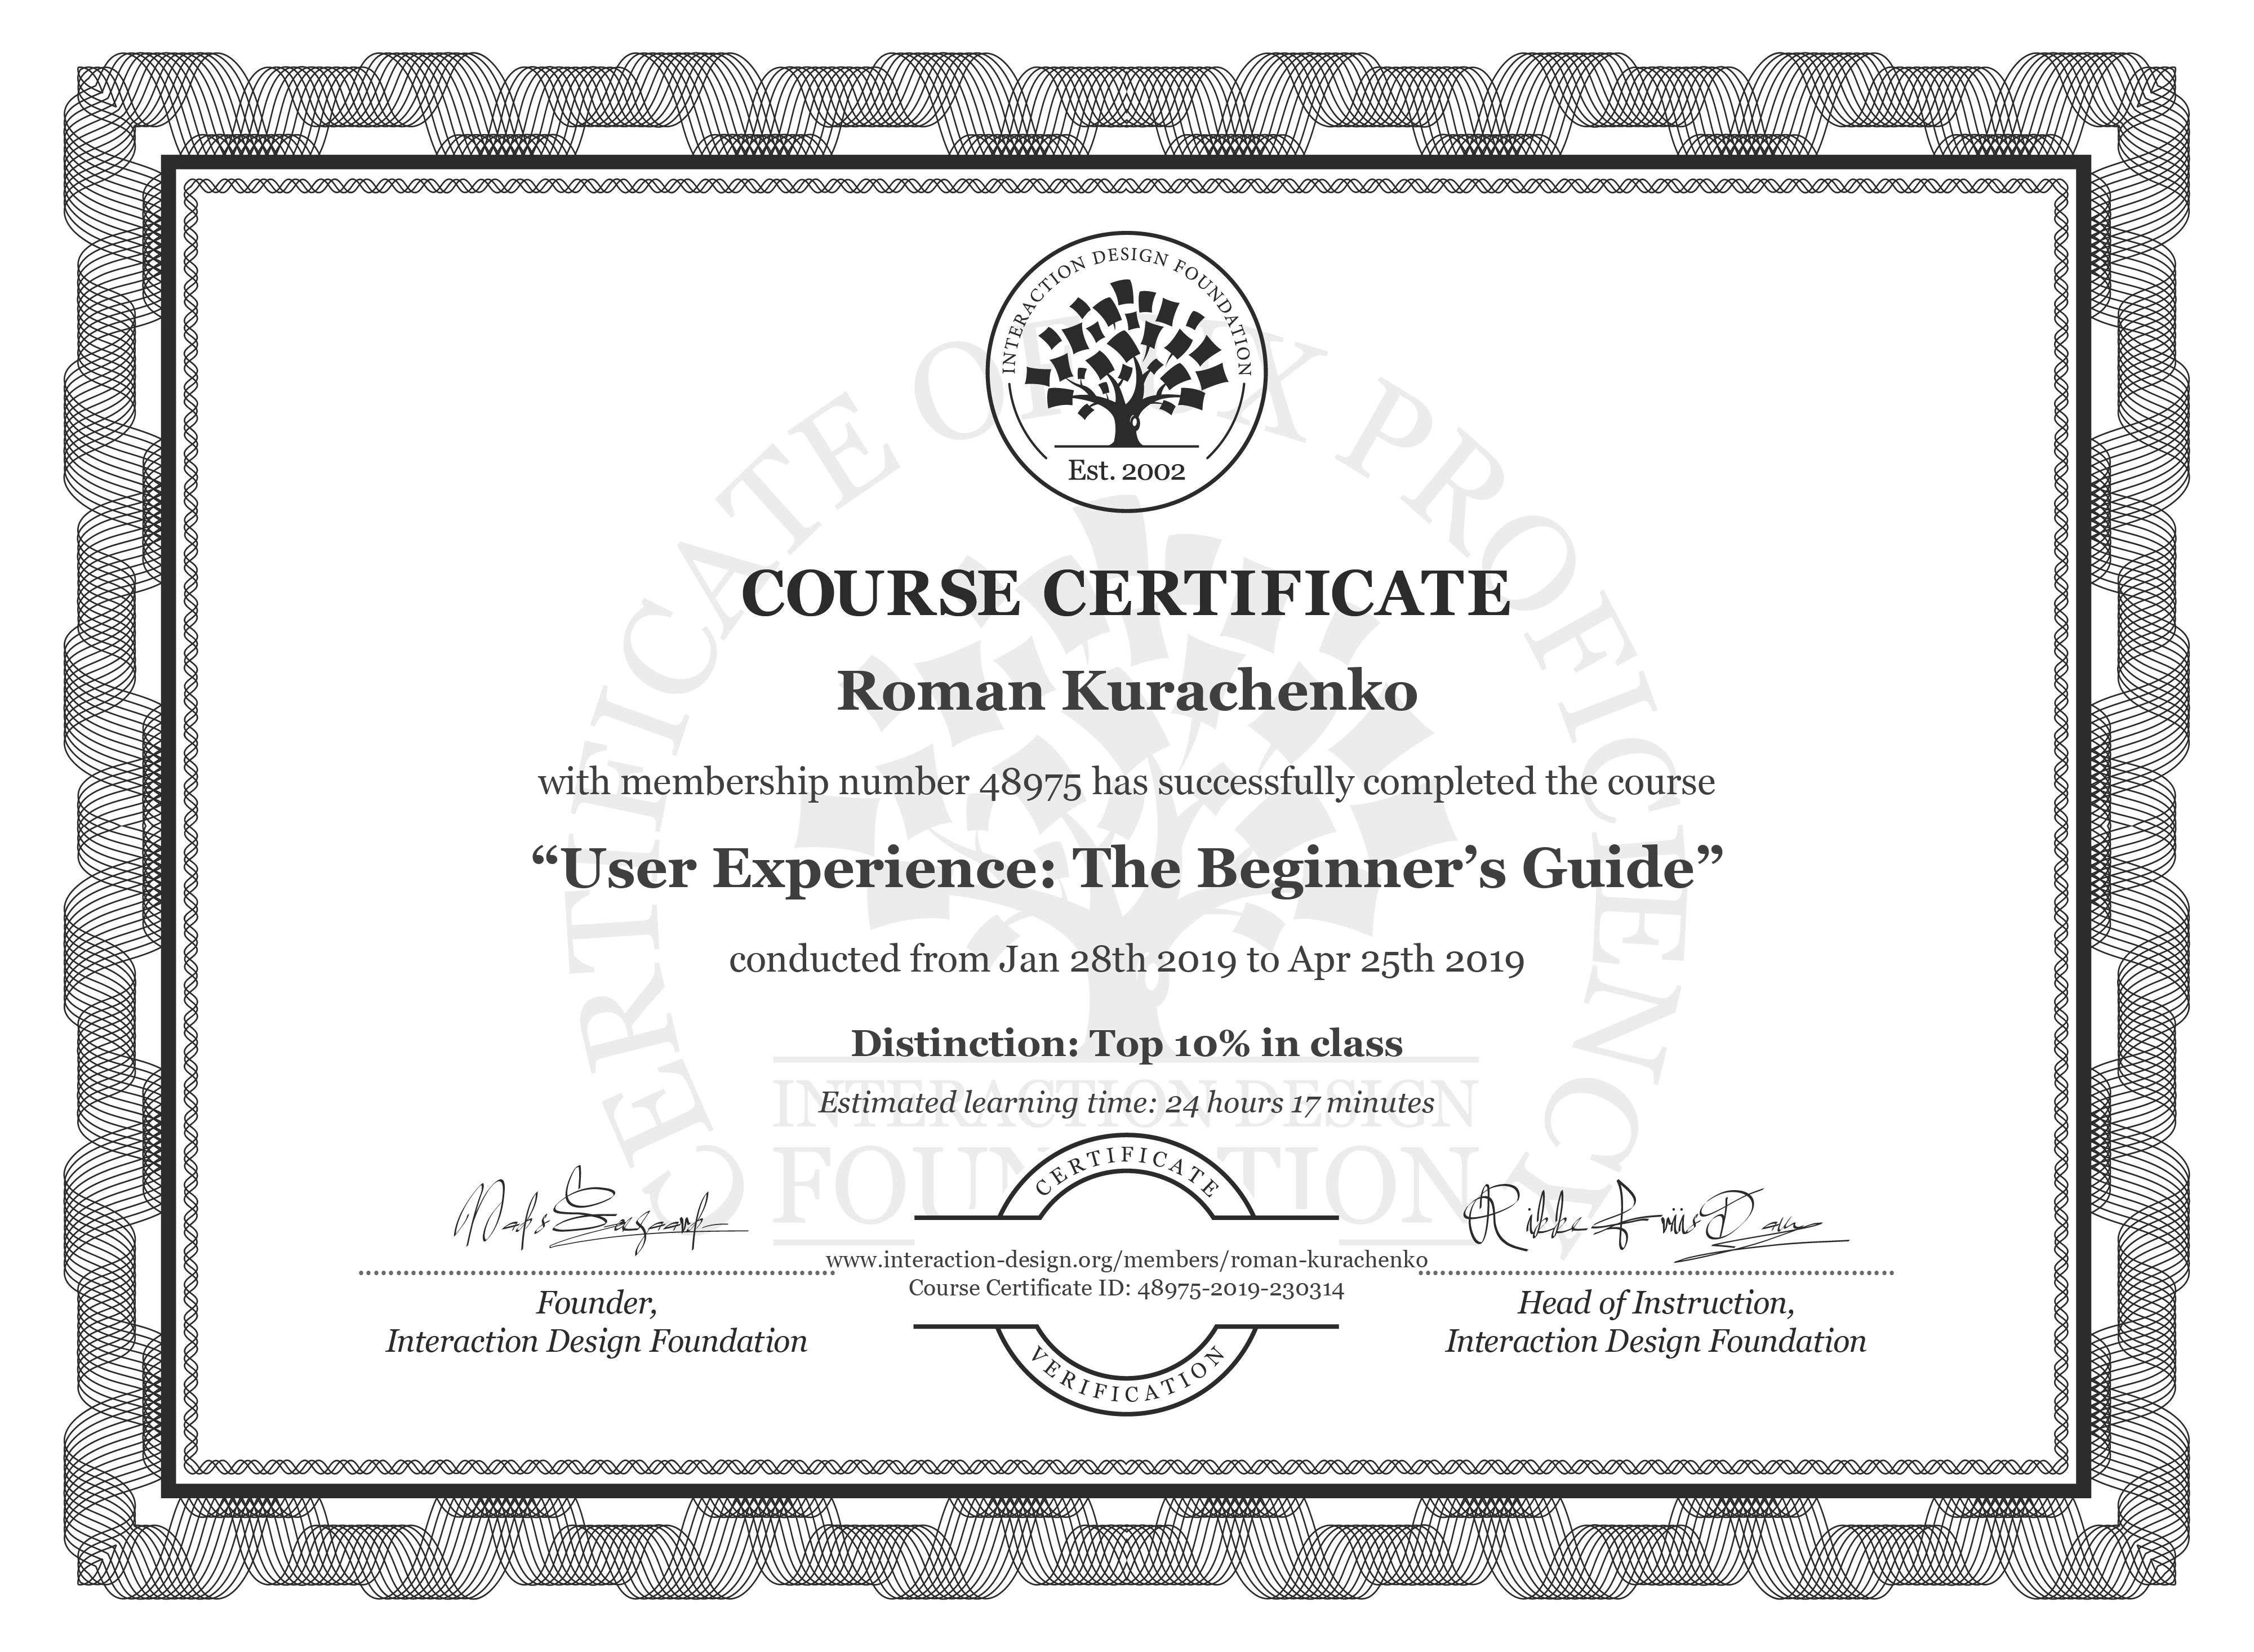 Roman Kurachenko: Course Certificate - Become a UX Designer from Scratch